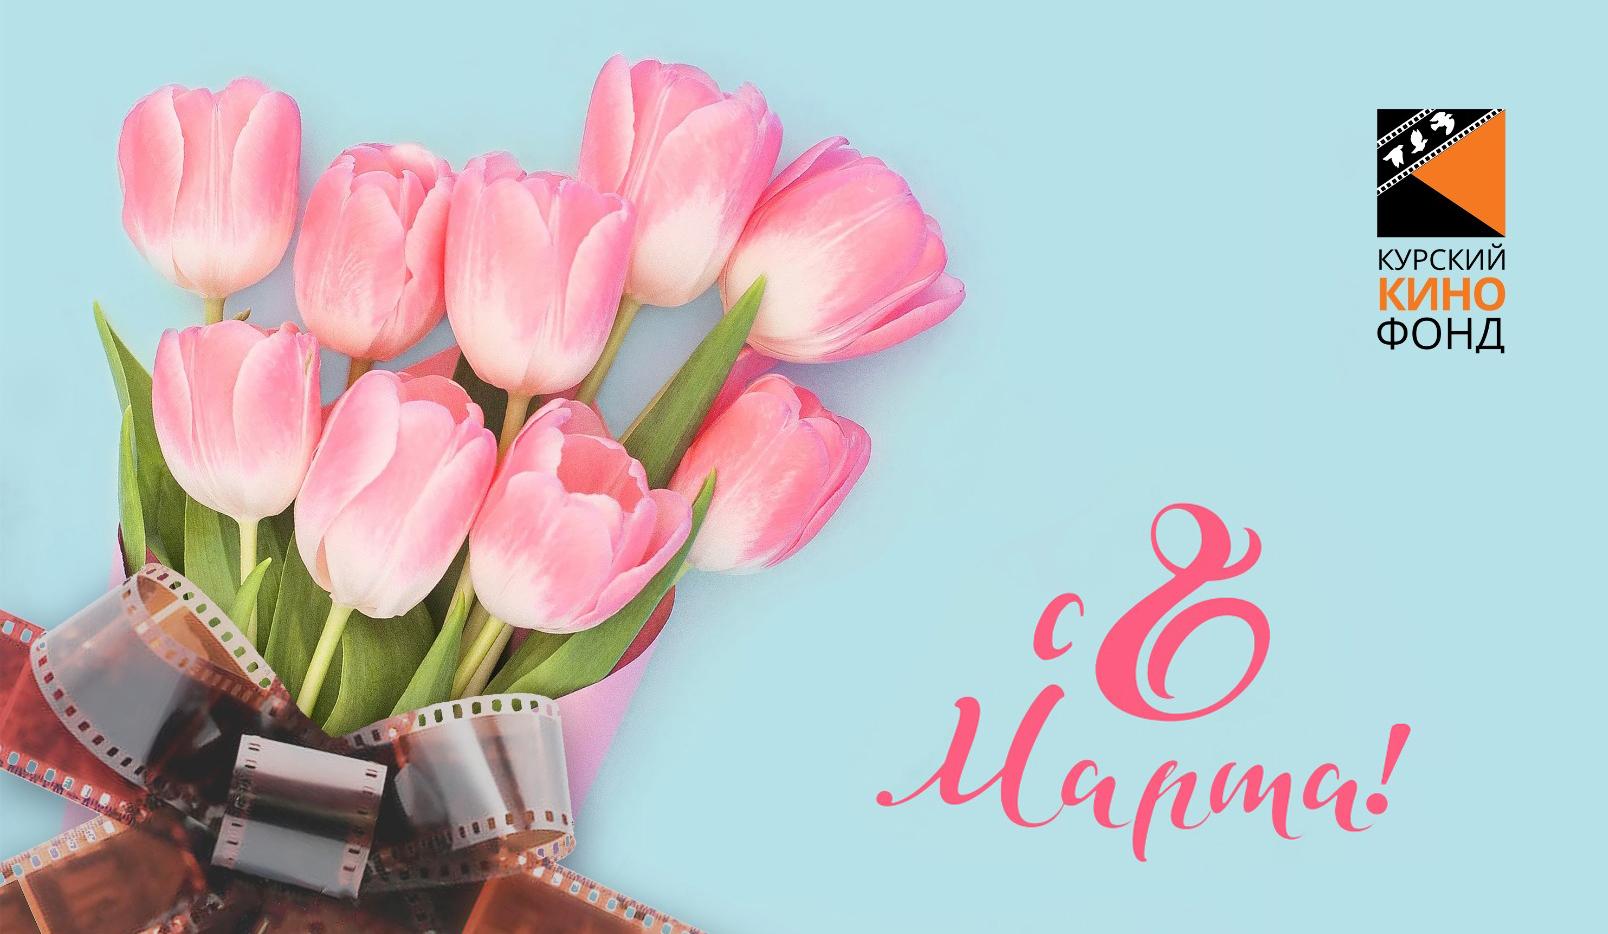 Курский кинофонд поздравляет с 8 марта